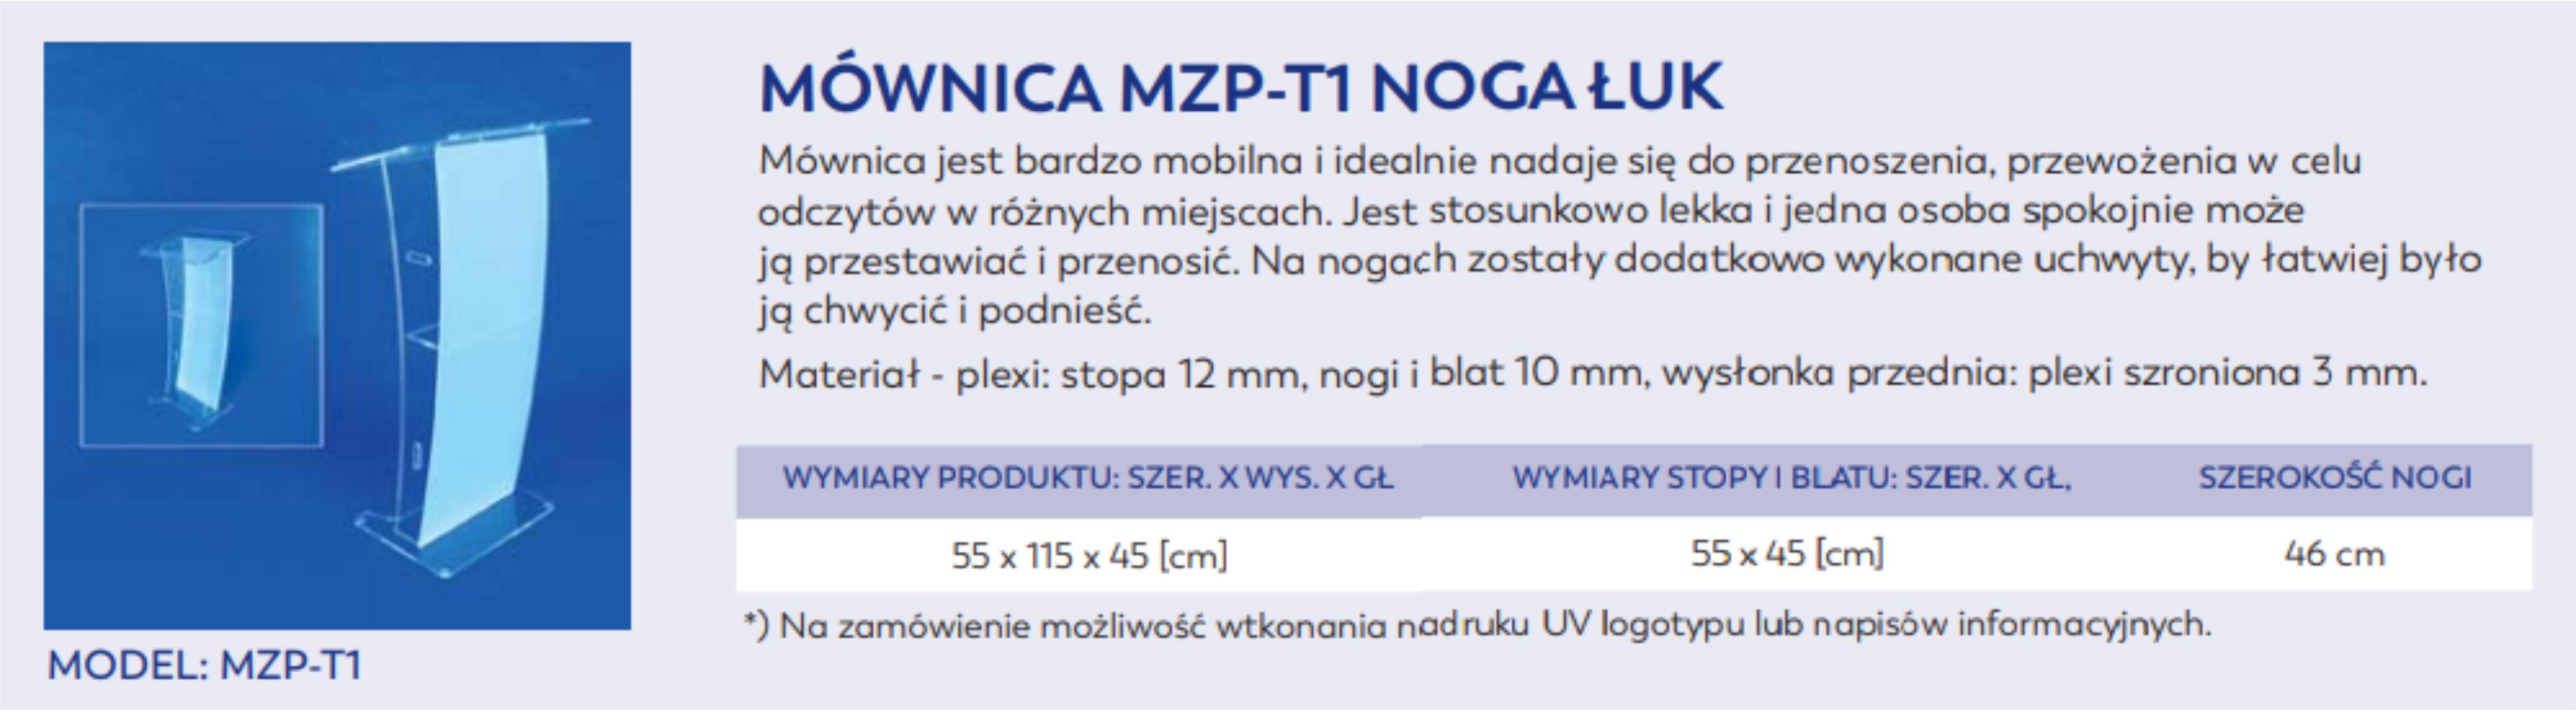 MZP-T1